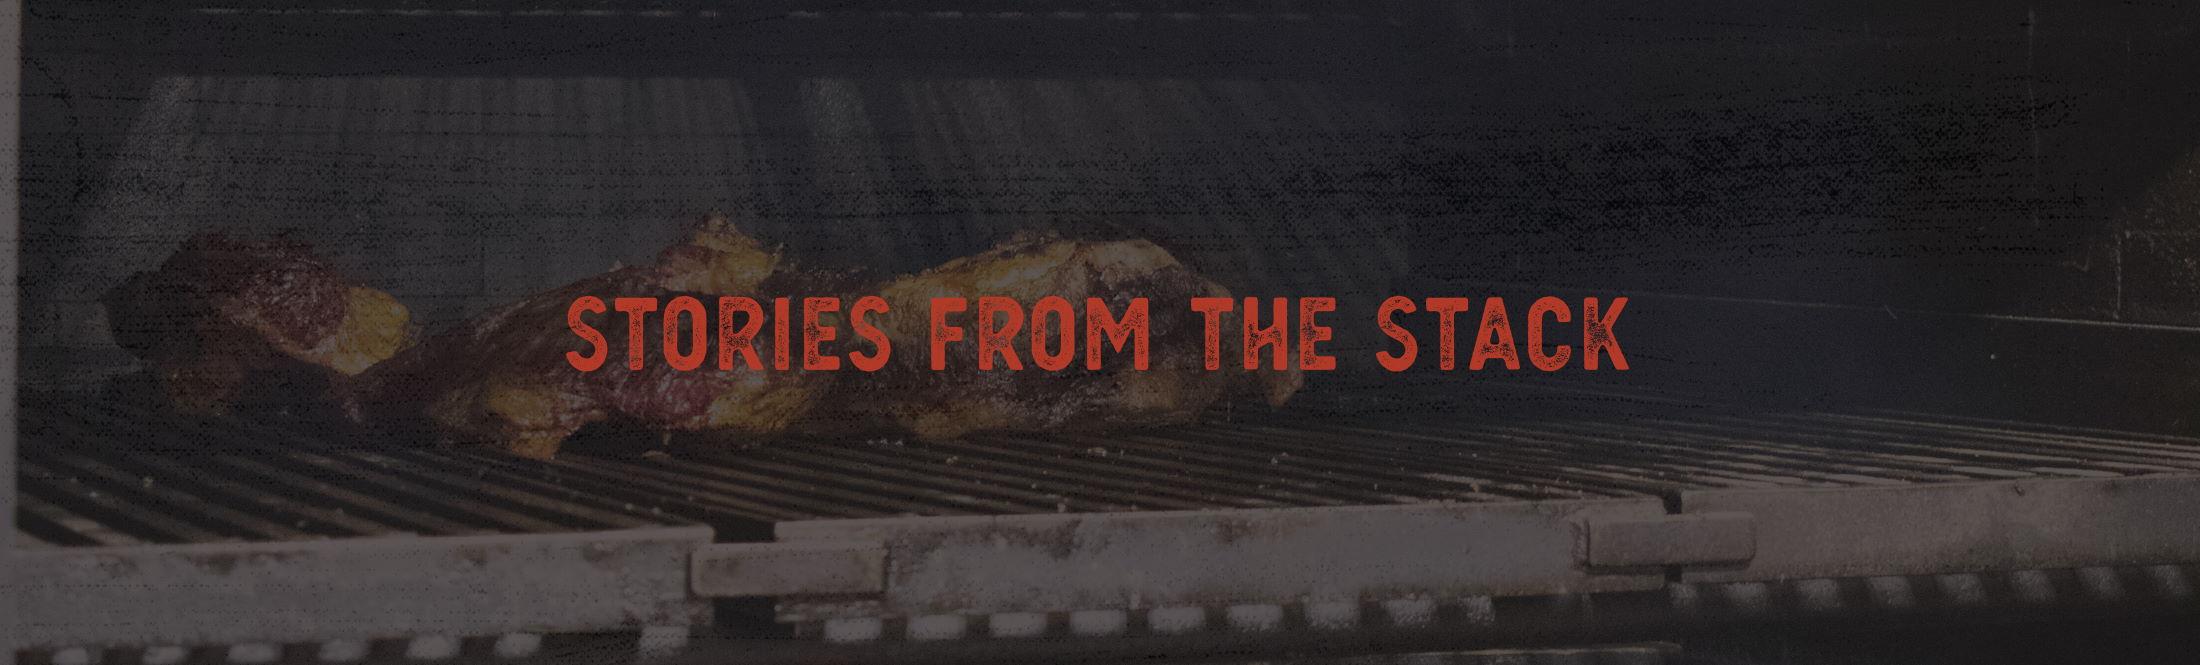 Jack Stack Barbecue Blog